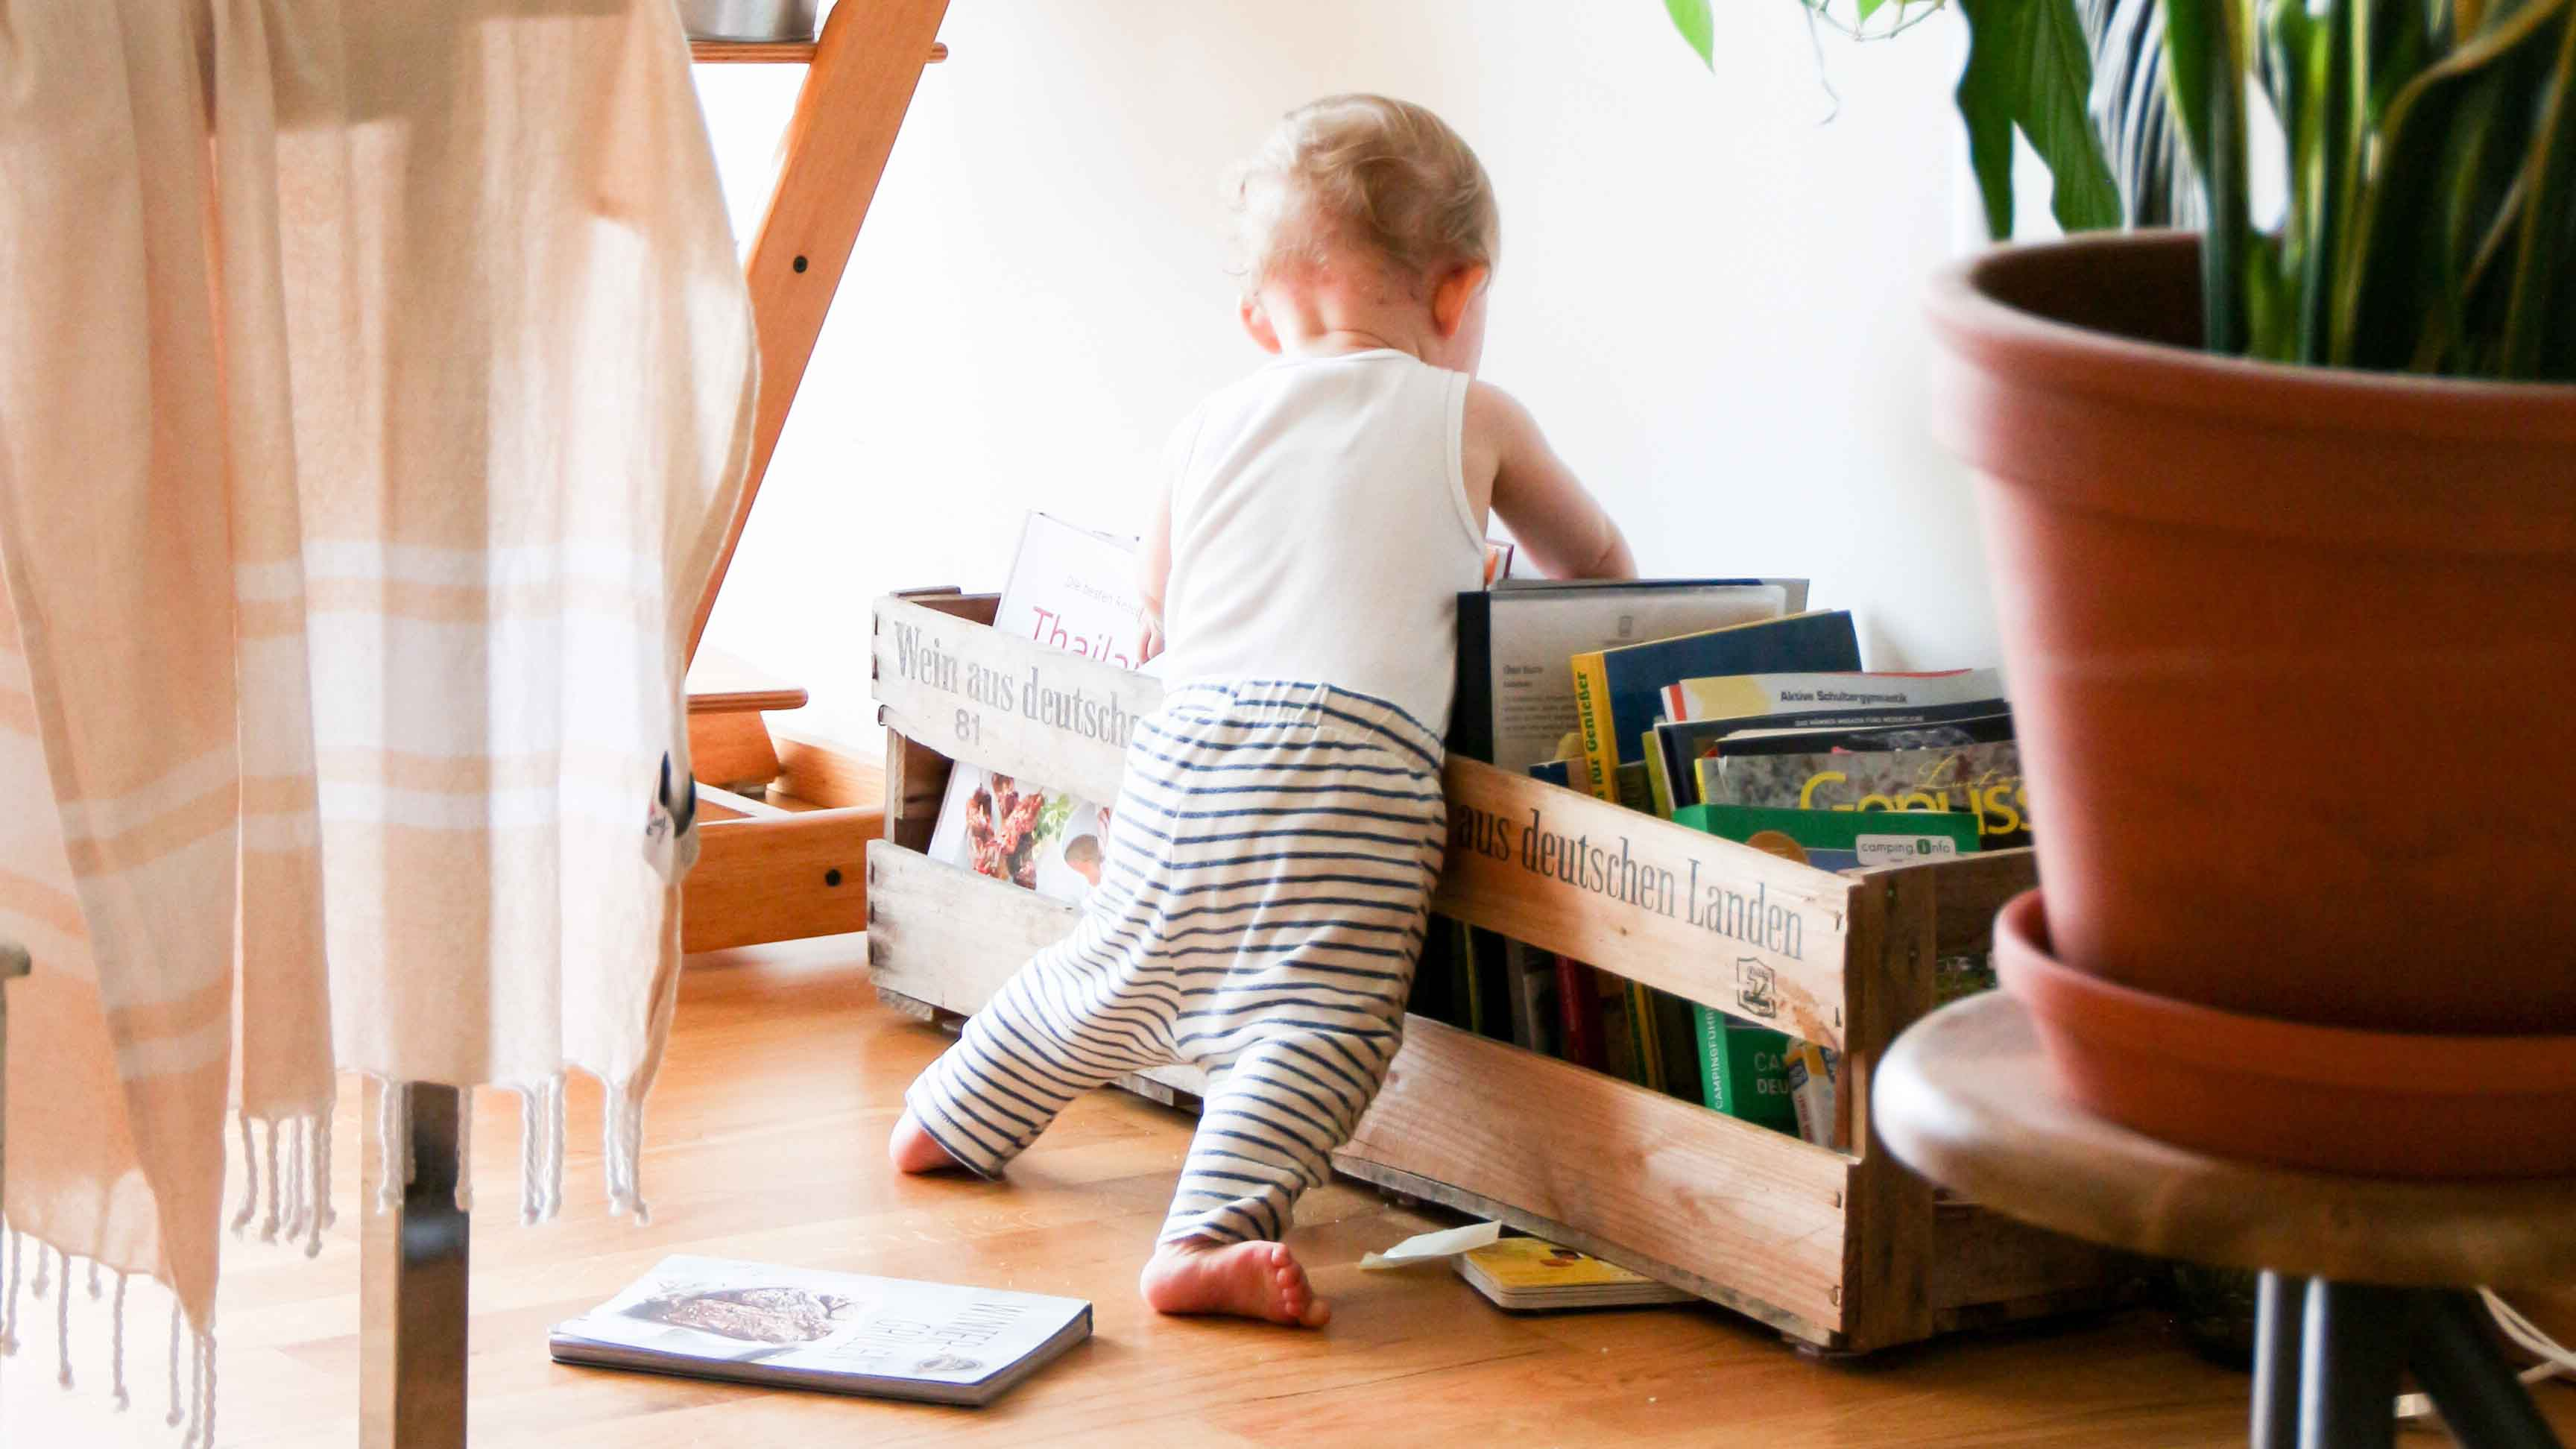 Bebe olhando livros em uma caixa no chão.